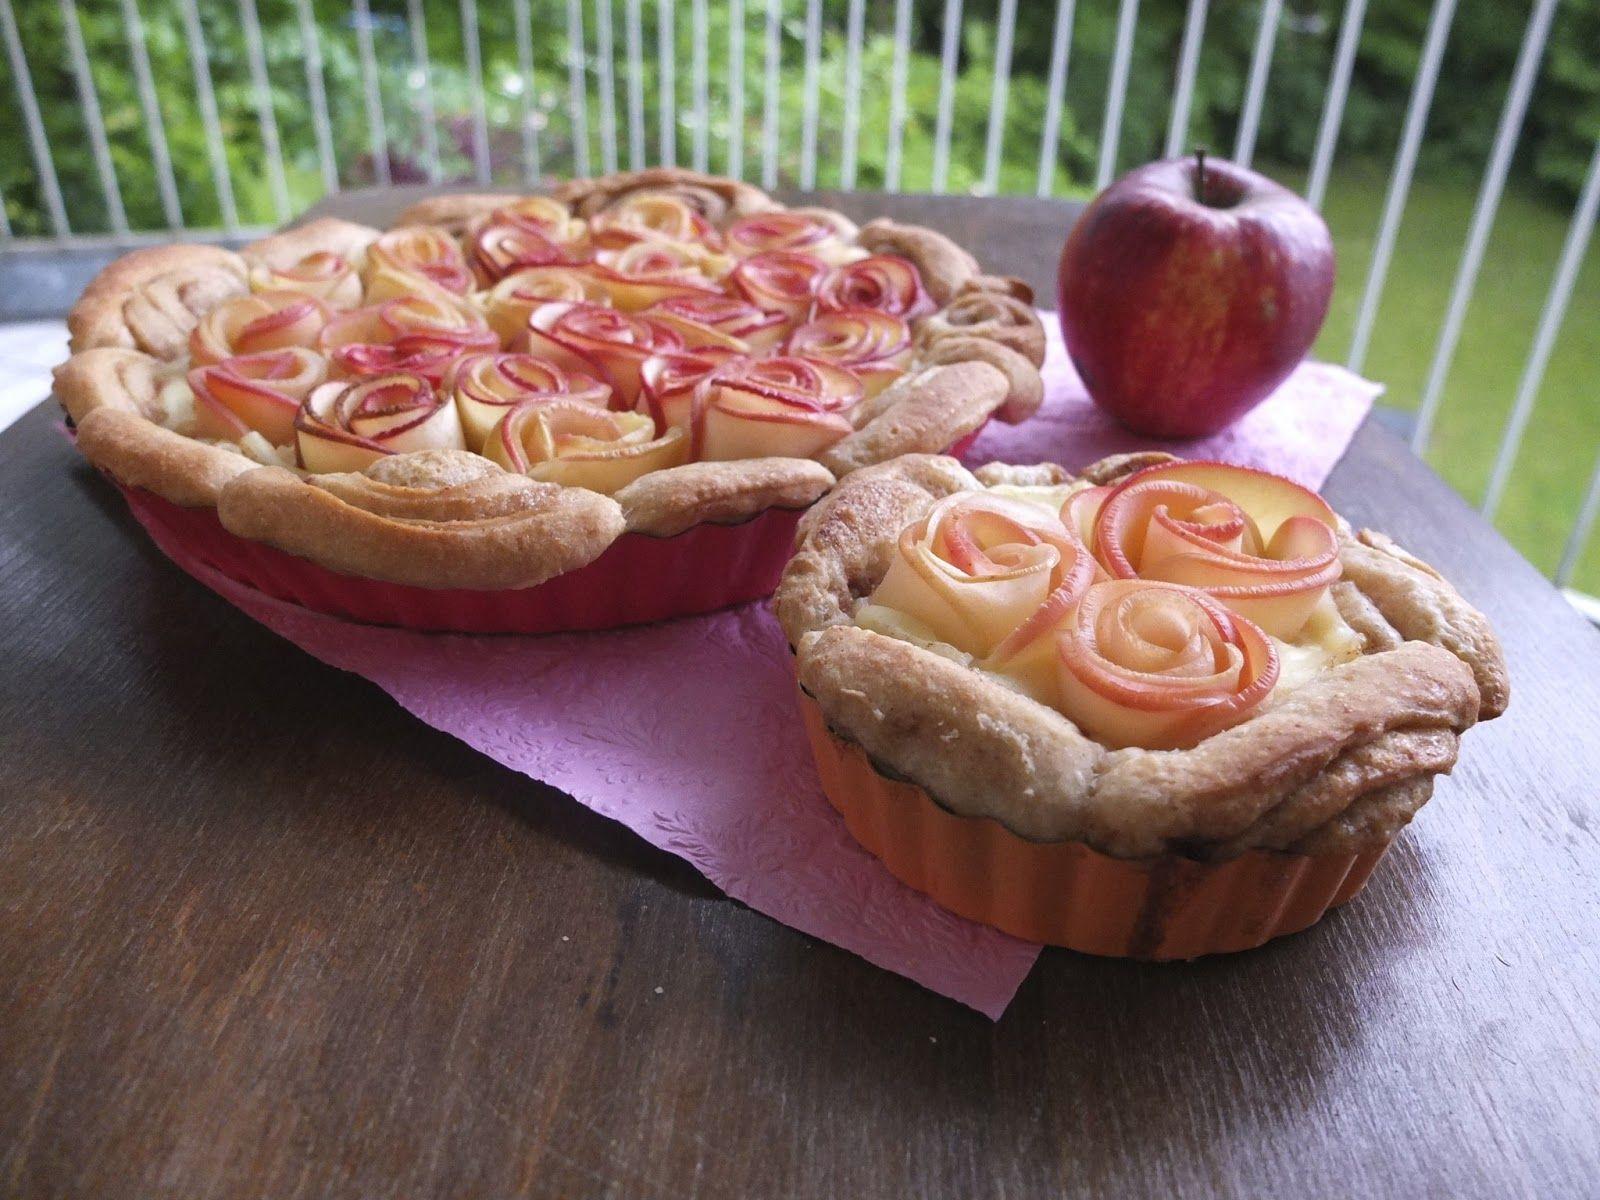 Ich glaube, diese hier  war die erste Apfel-Rosen-Tarte, die ich entdeckt habe, und es war sofort klar, dass ich die bei Gelegenheit backen ...